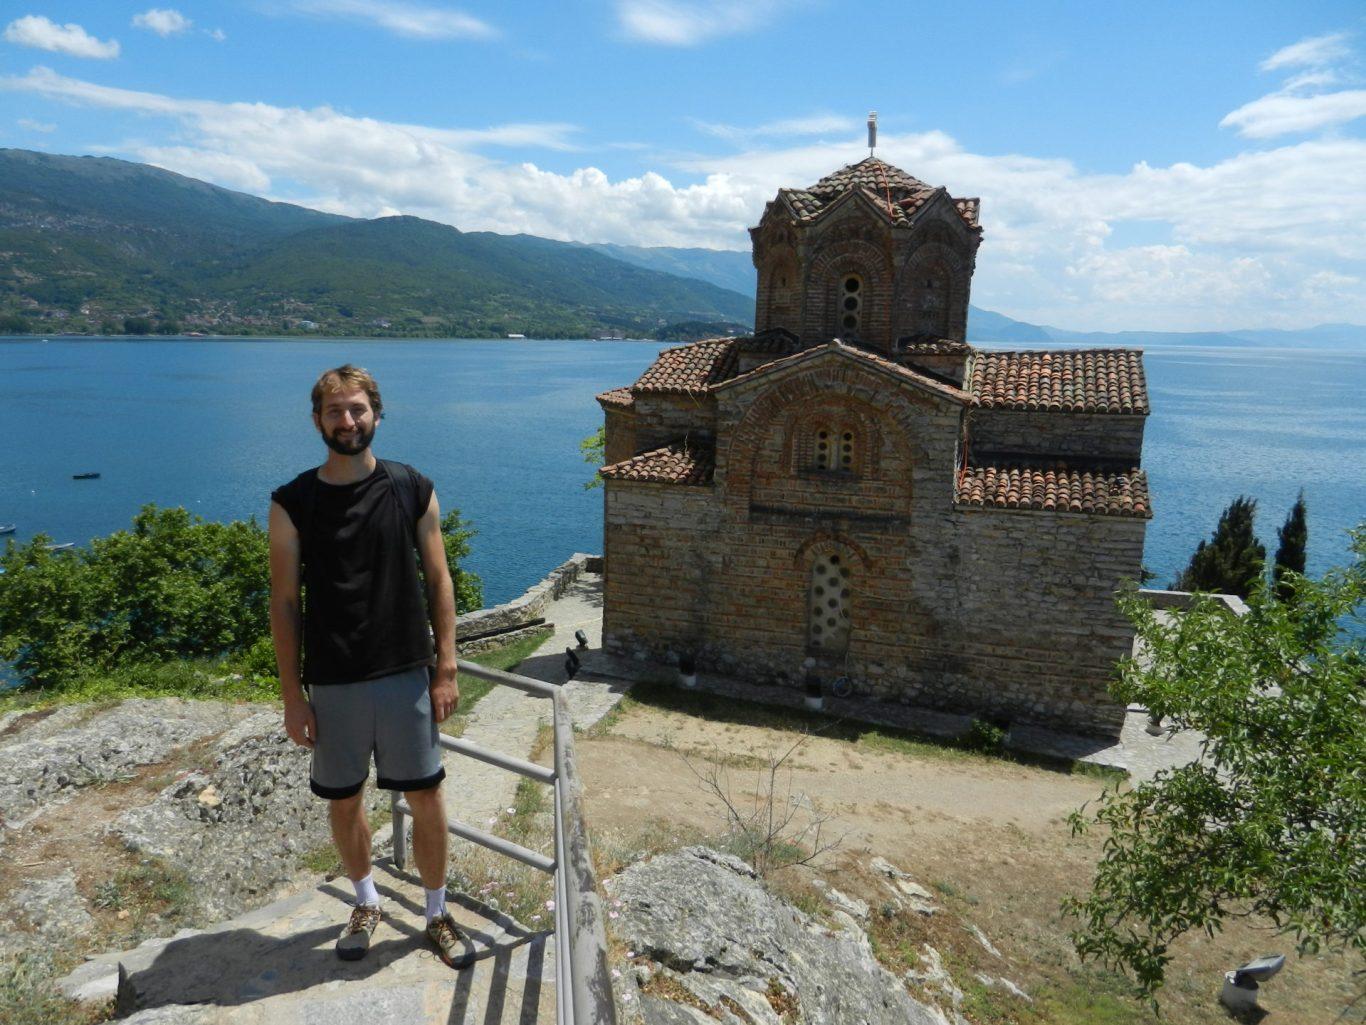 Nathanael and Church of St. John at Kaneo, Ohrid, Macedonia